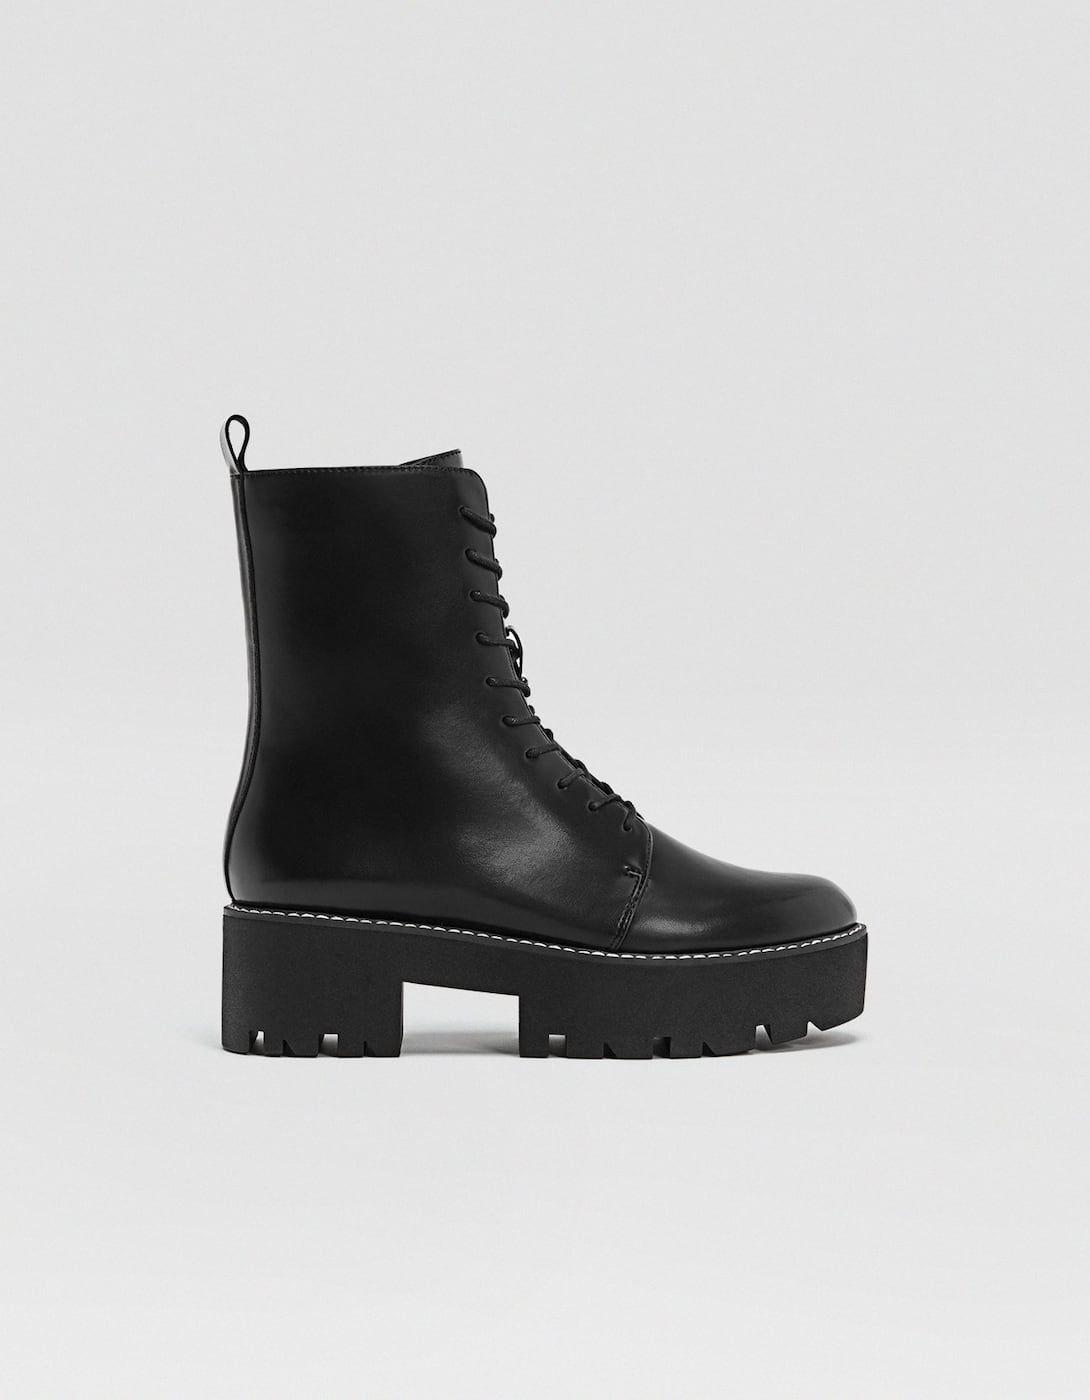 Estos 20 pares de botas y botines están superebajados